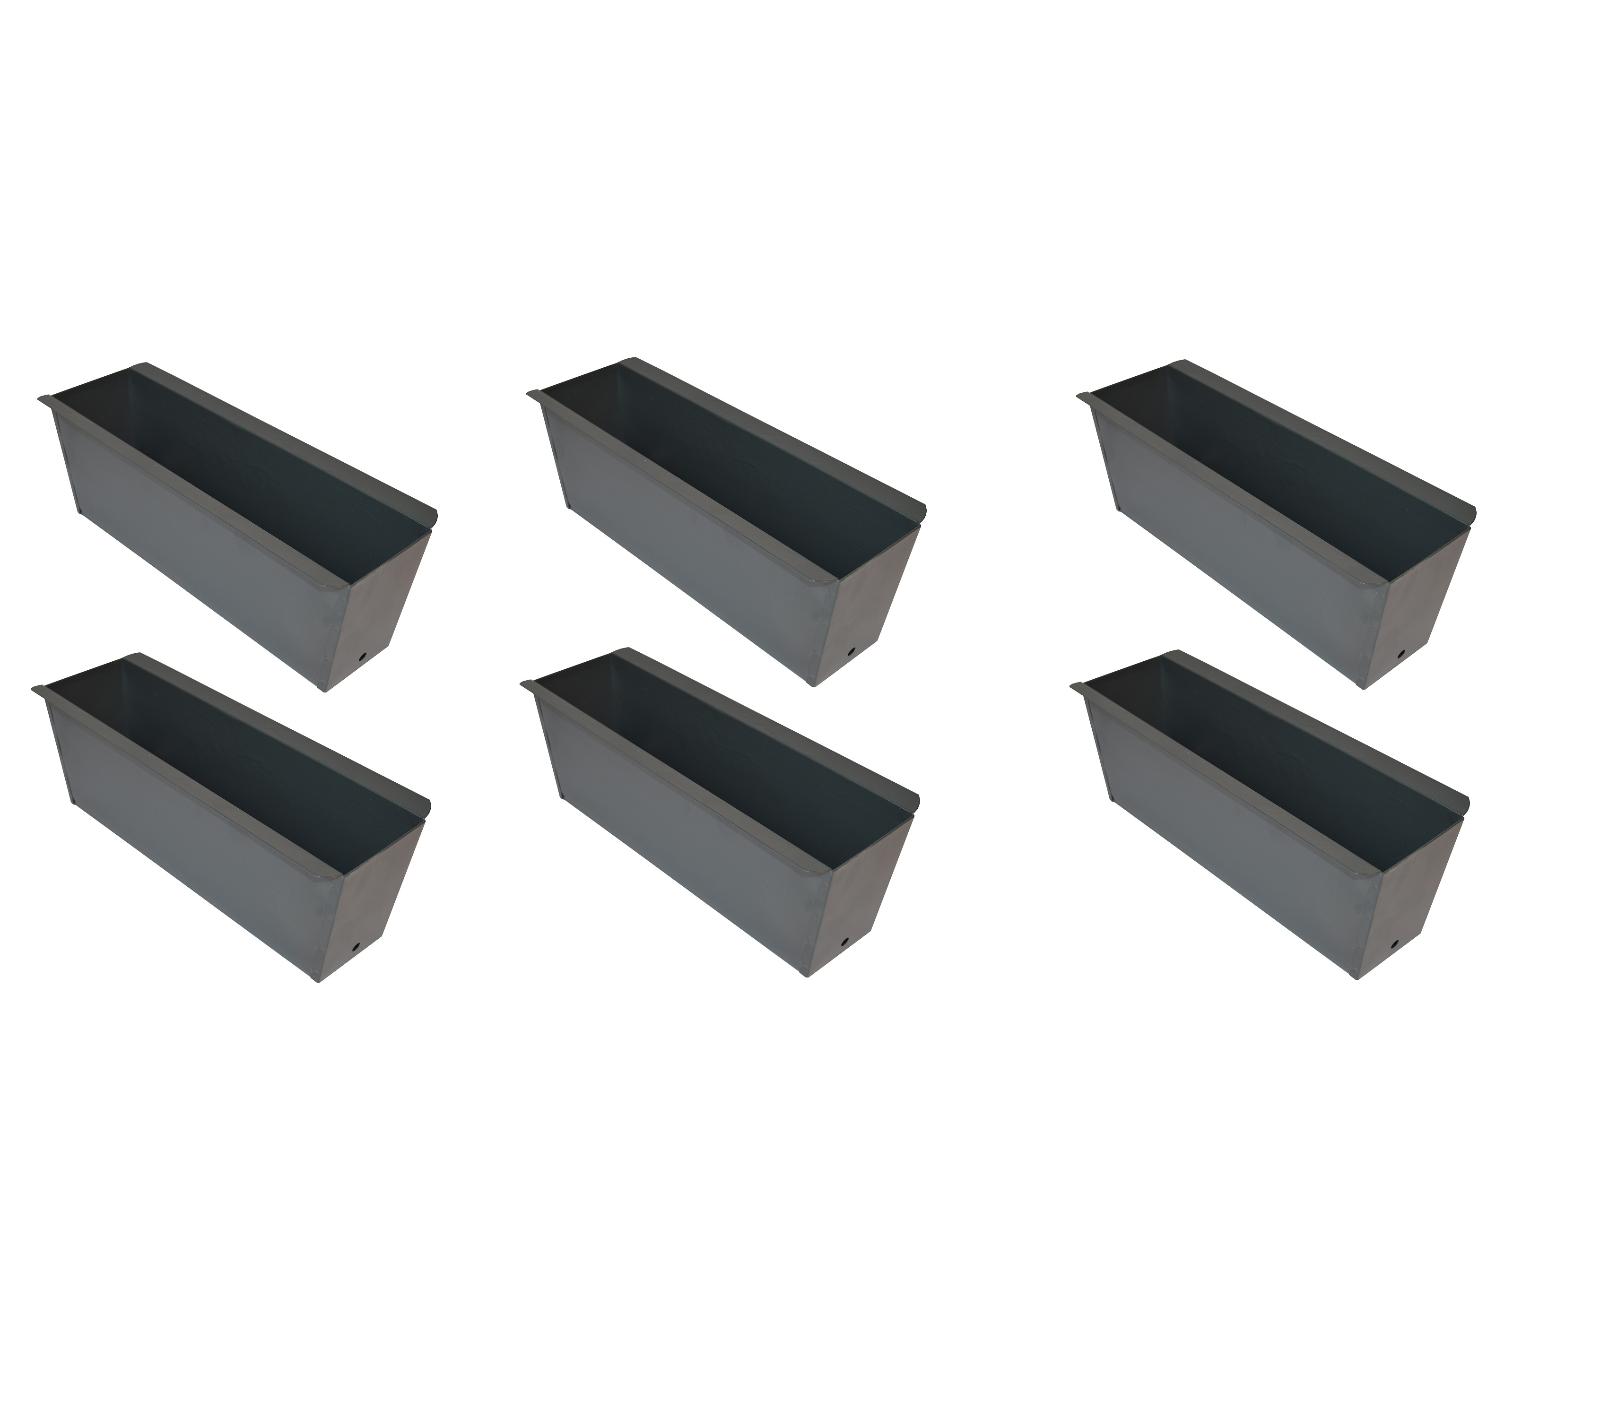 12x Blaumenkasten grau anthr. Balkonkasten Einsatz für Europalette Pflanzkasten